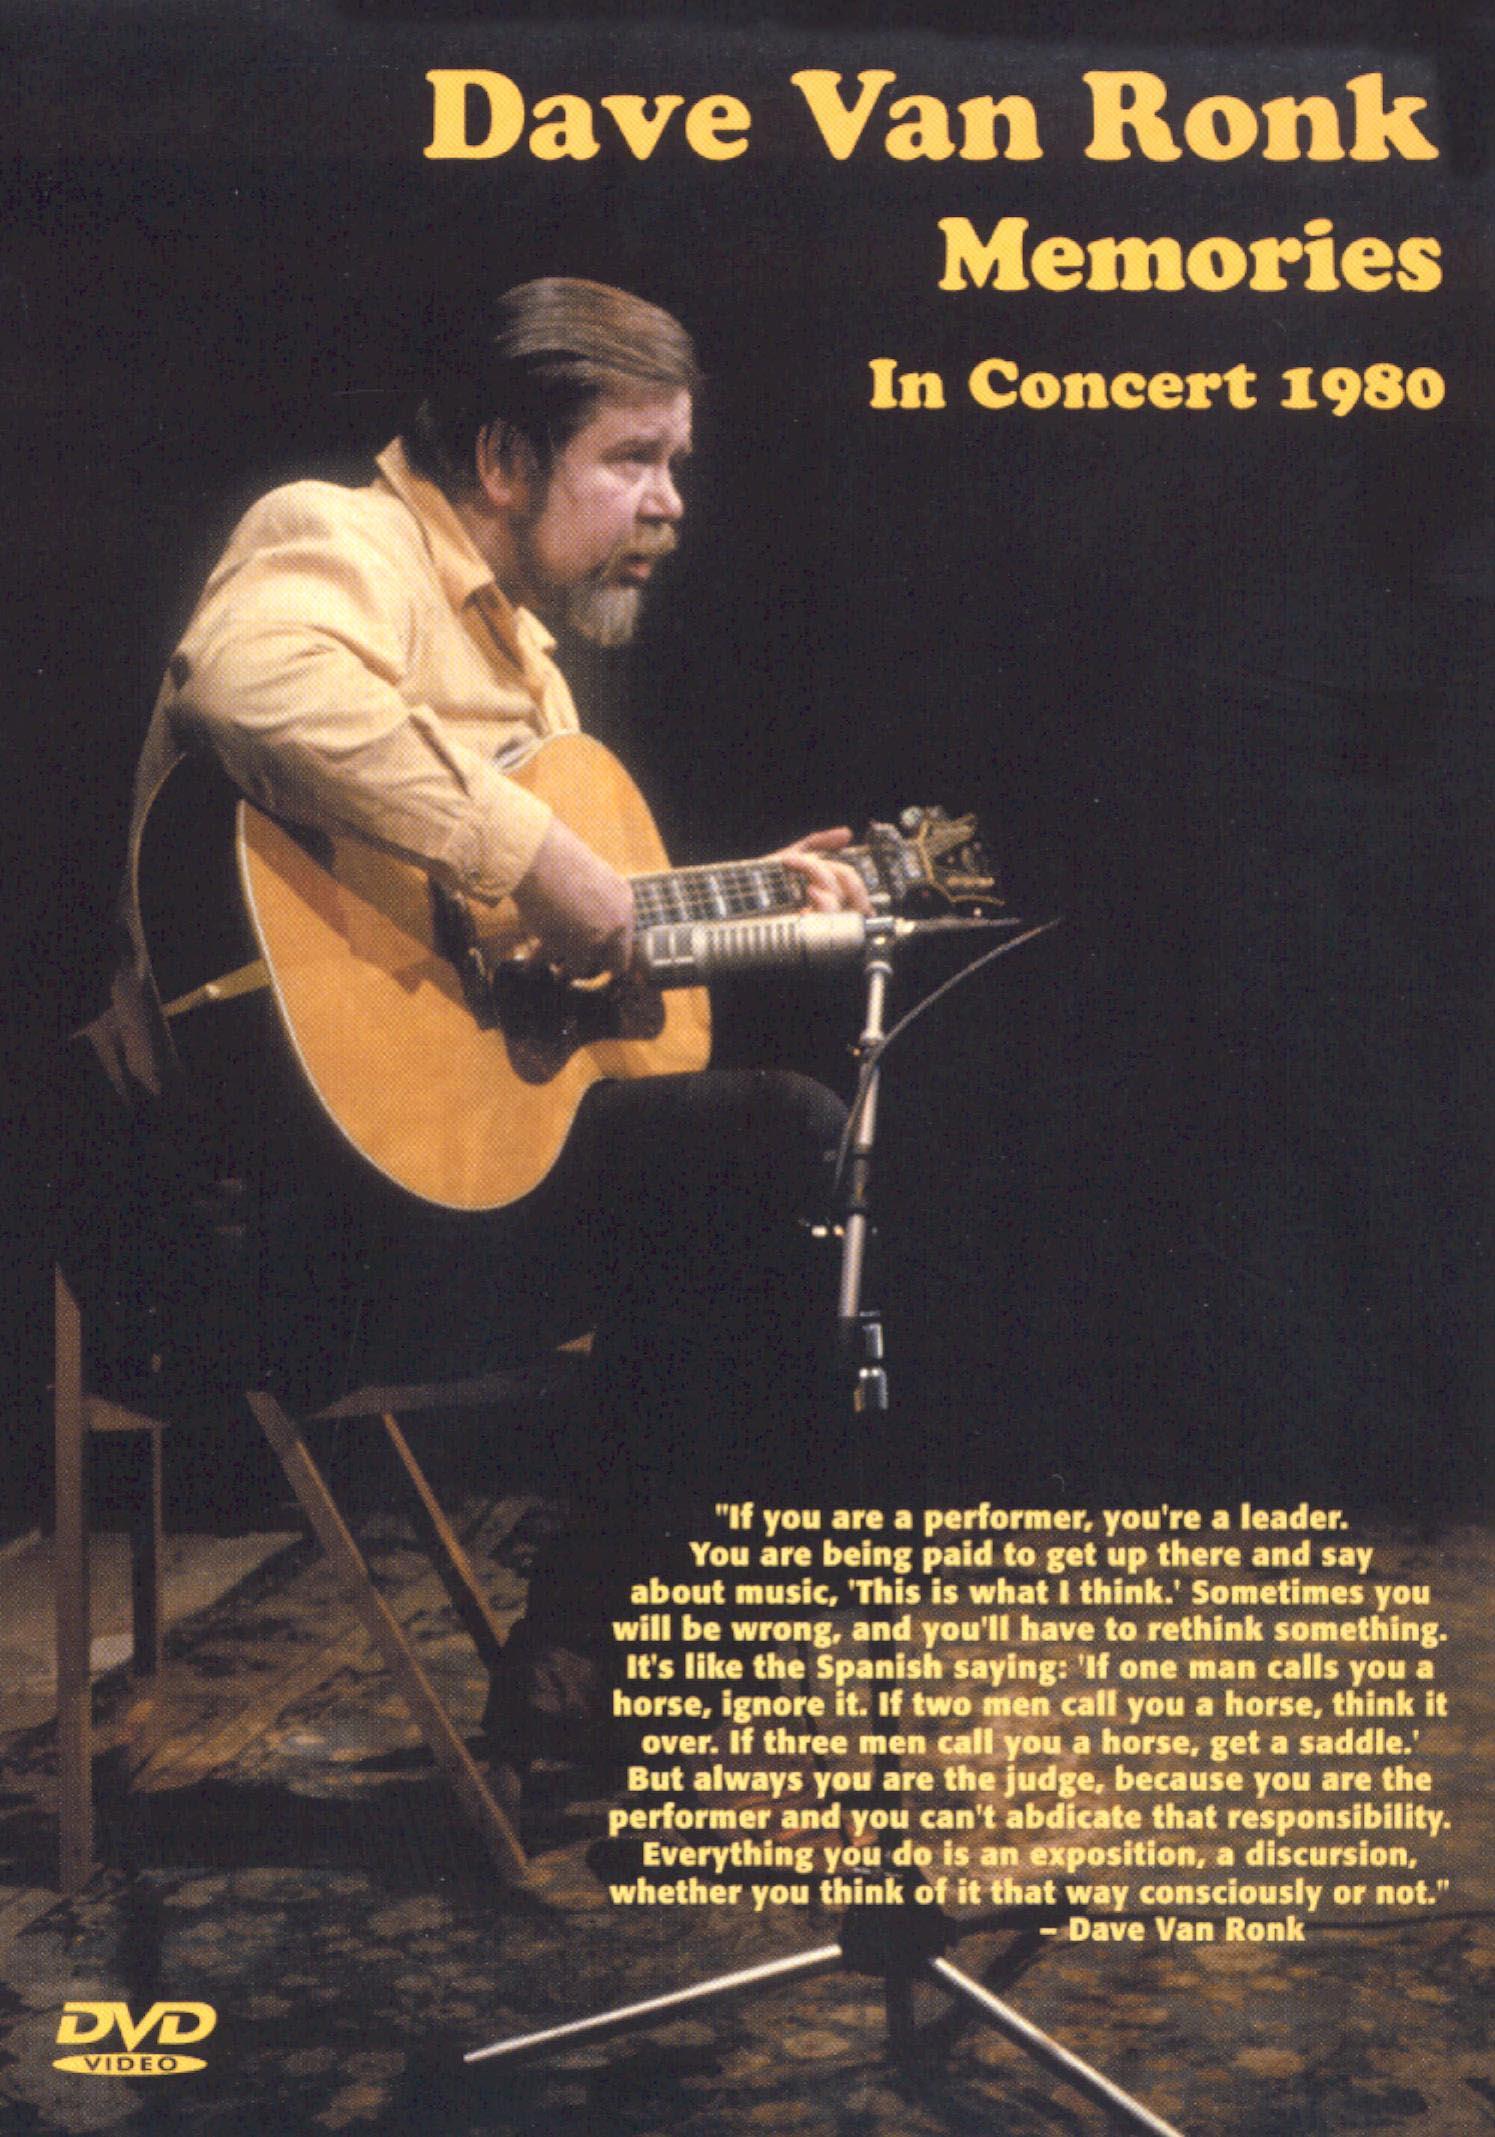 Dave Van Ronk: Memories - In Concert 1980